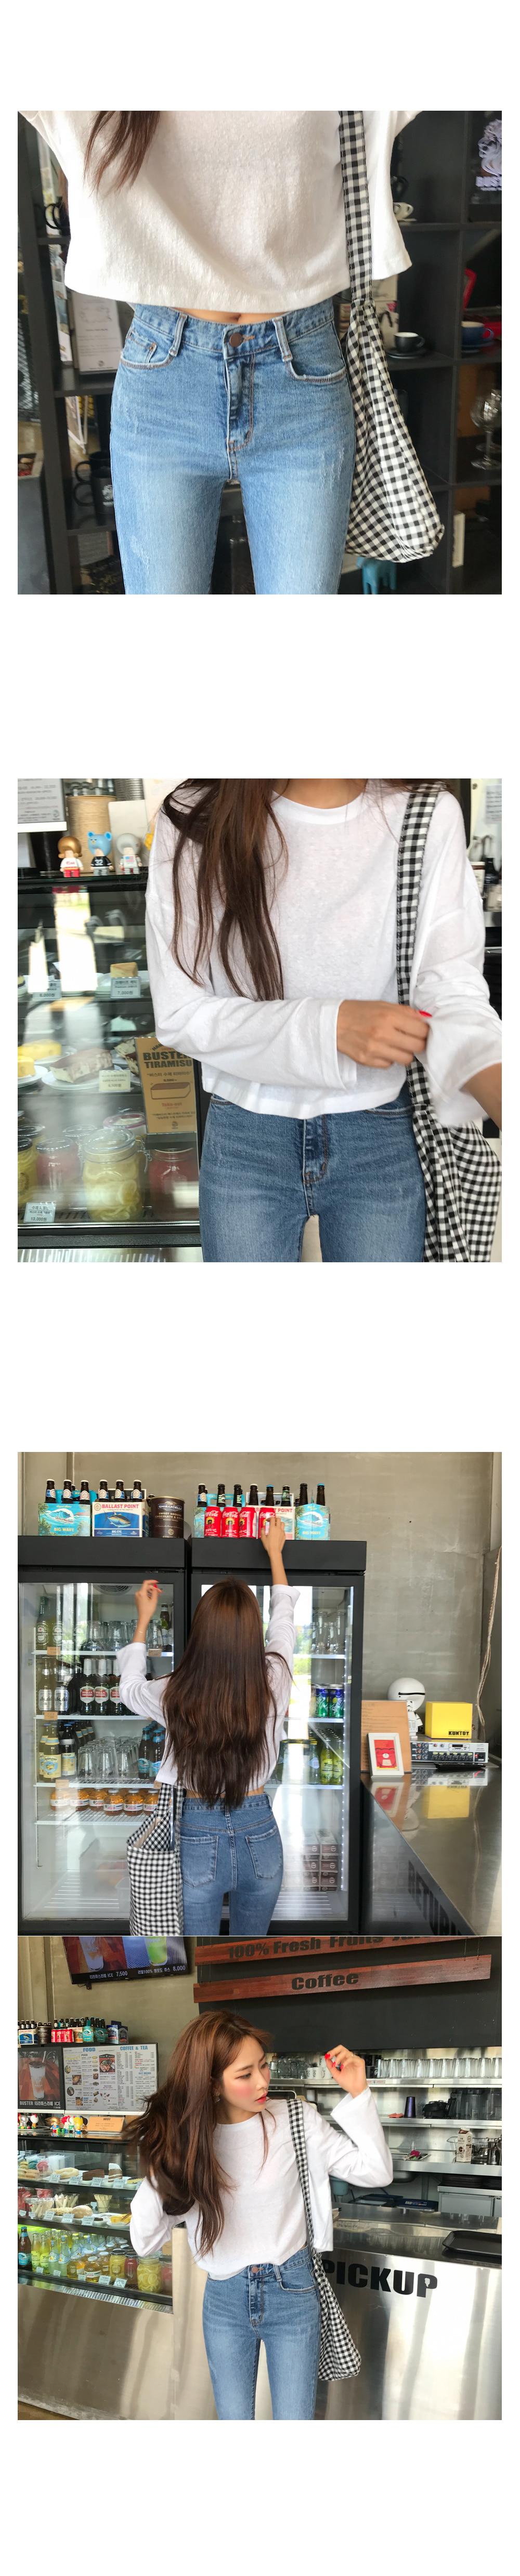 Cally Slim Date Denim Pants